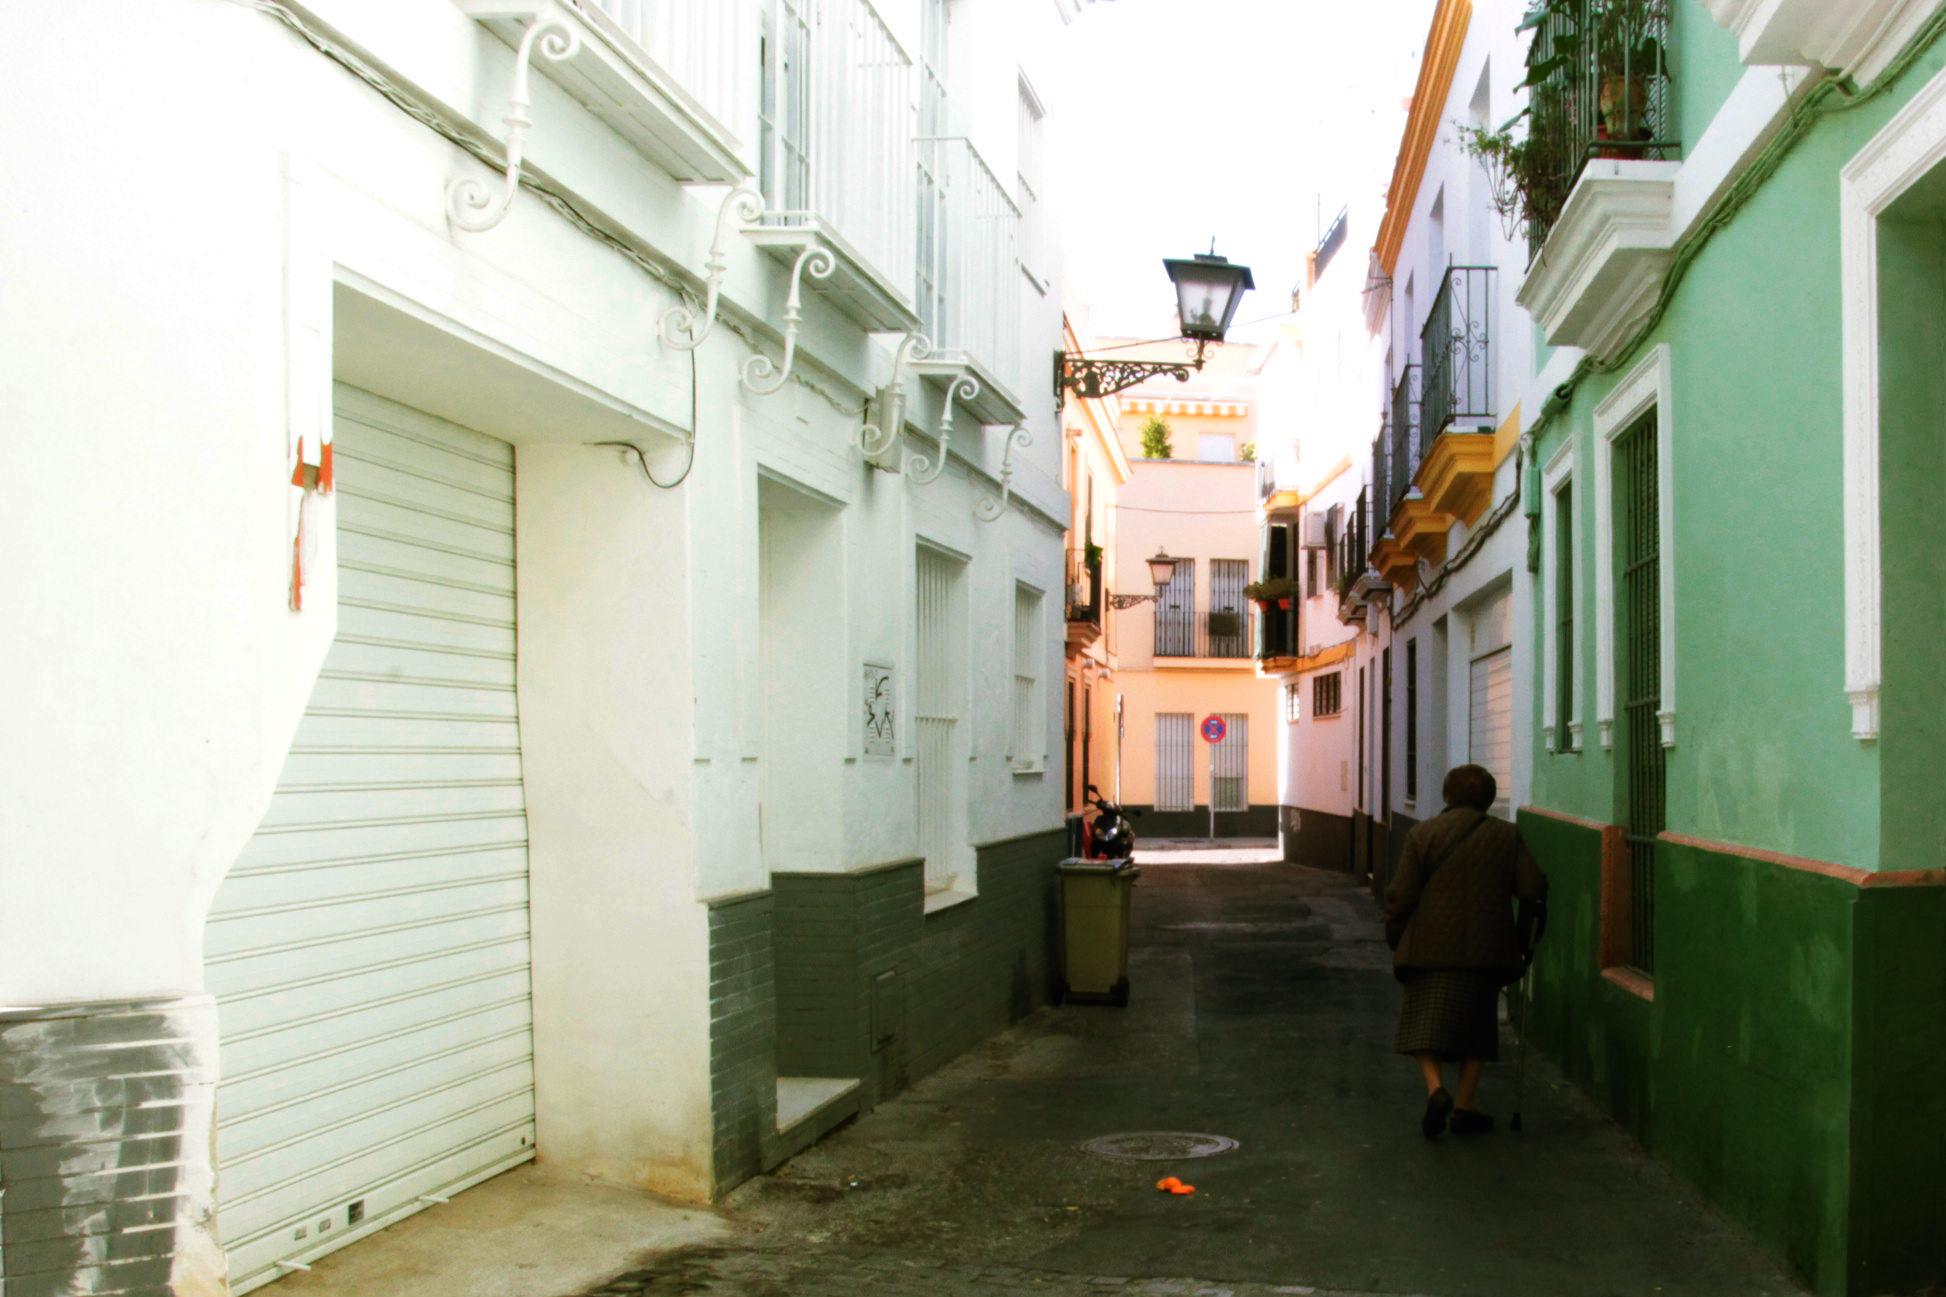 Séville 2016